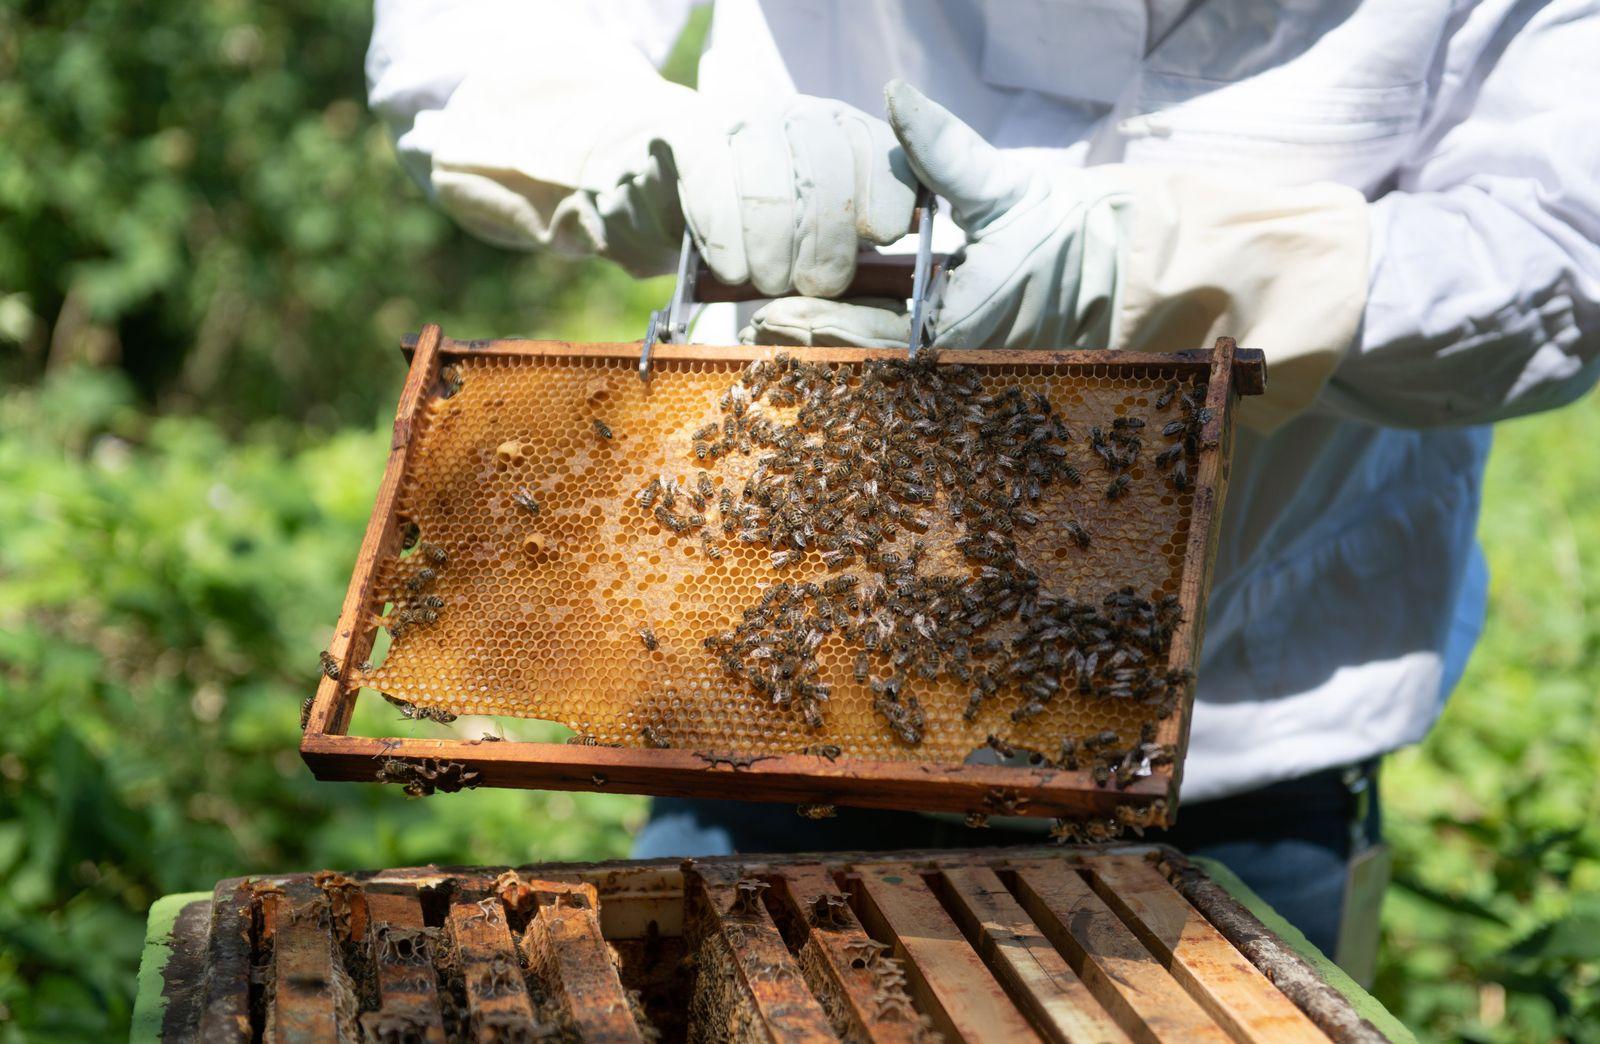 Honigernte der Bienenvölker am Hamburger Flughafen